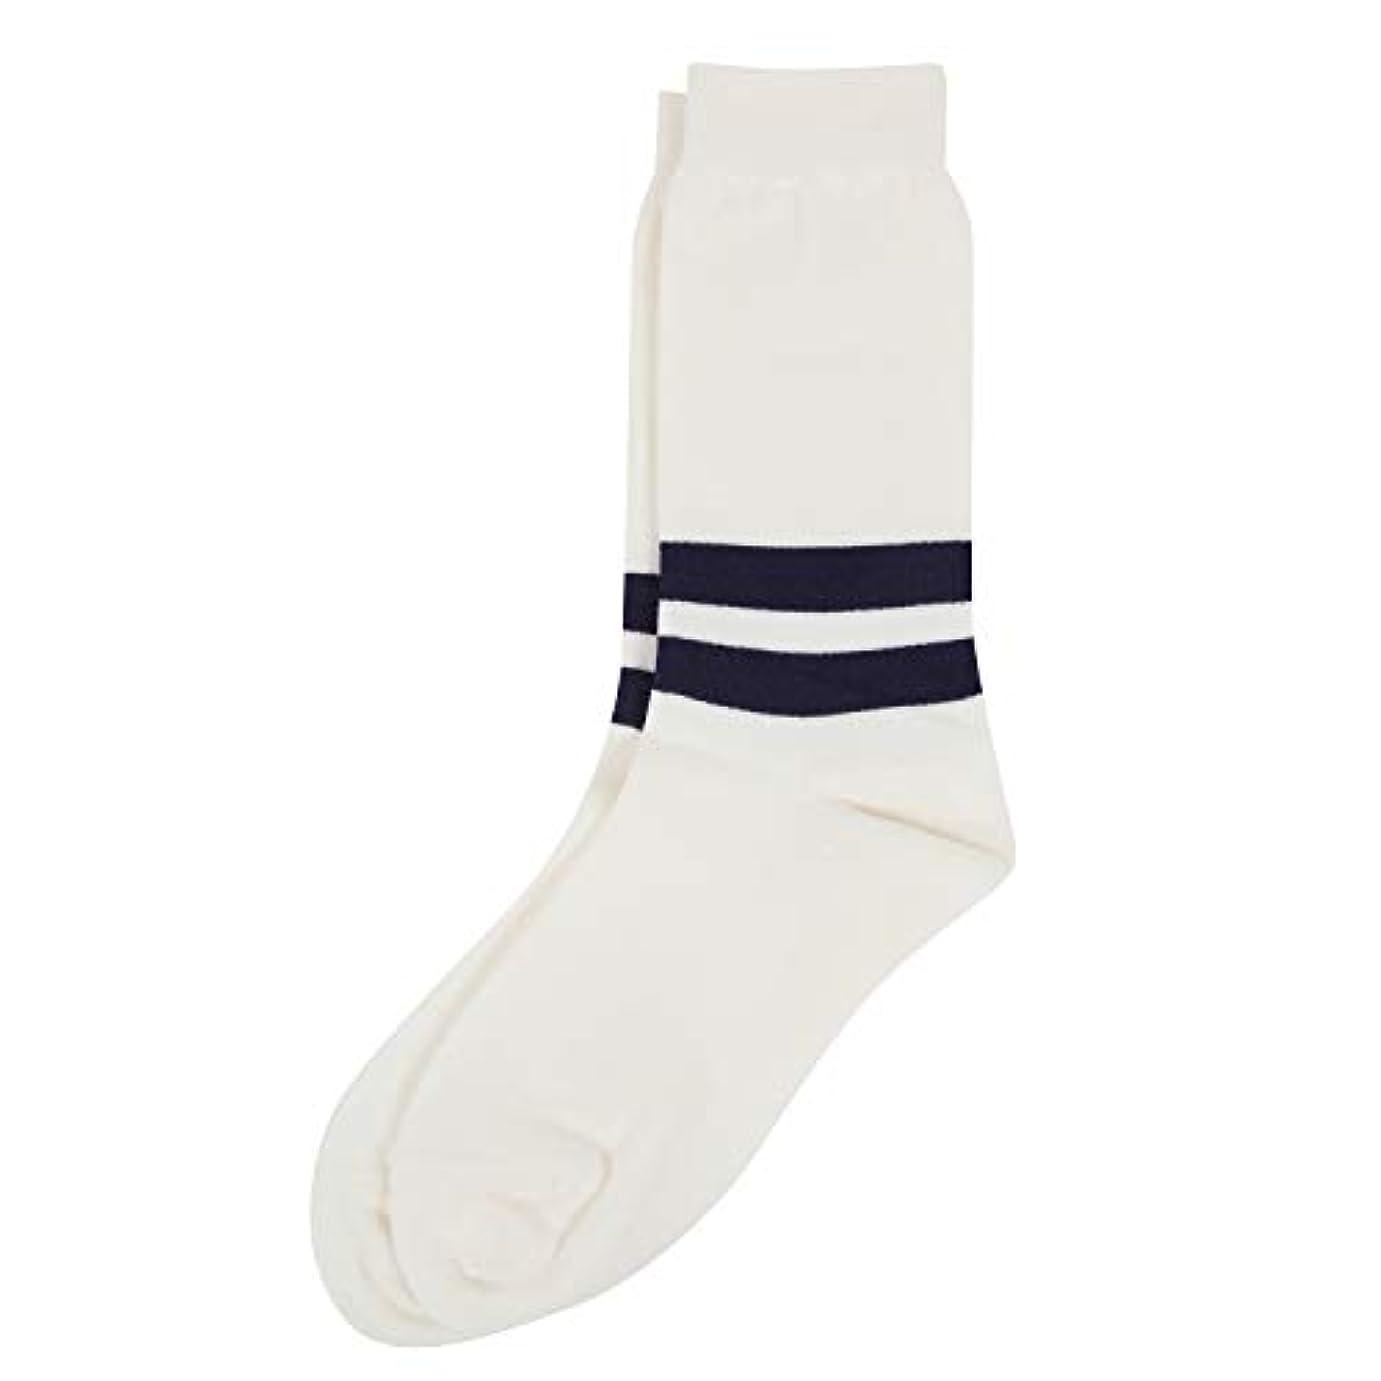 名前を作る教育学祈りDeol(デオル) ラインソックス 男性用 メンズ [足のニオイ対策] 長期間持続 日本製 無地 靴下 白 25cm-27cm